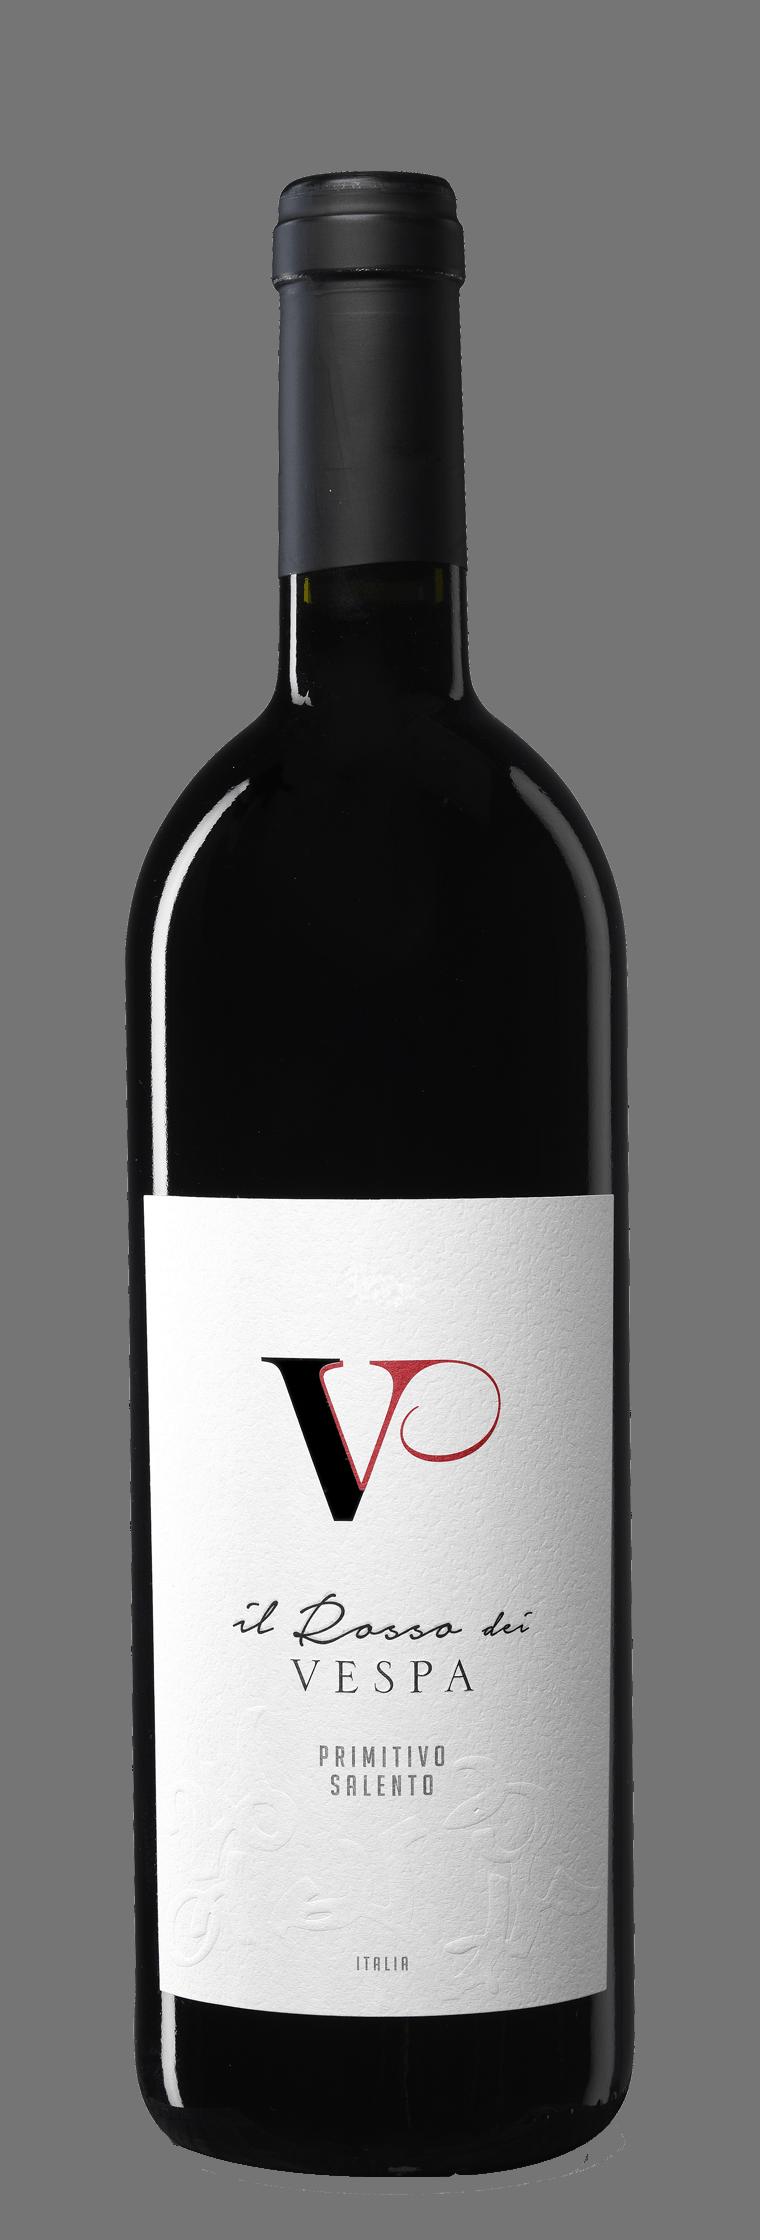 Il Rosso dei Vespa bottle